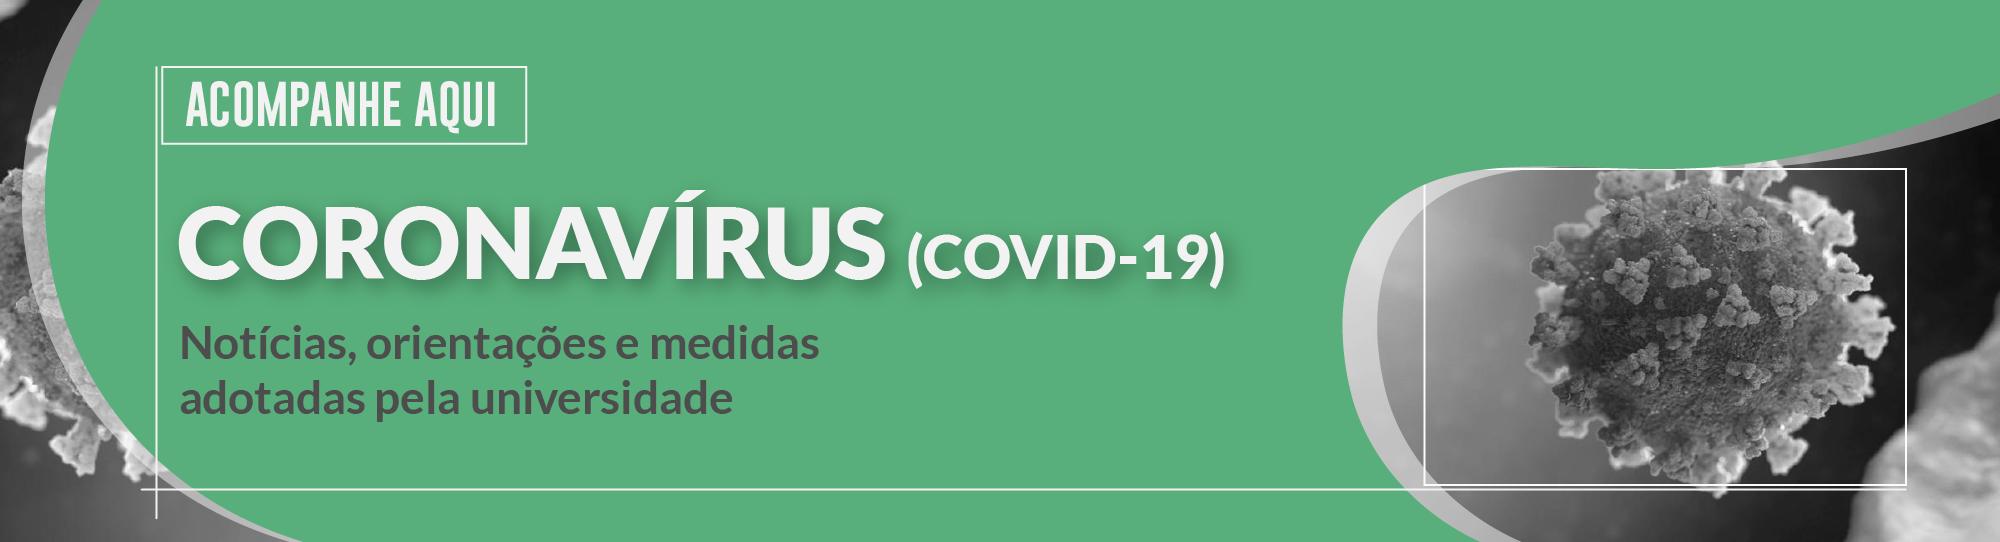 Ações sobre a Covid-19